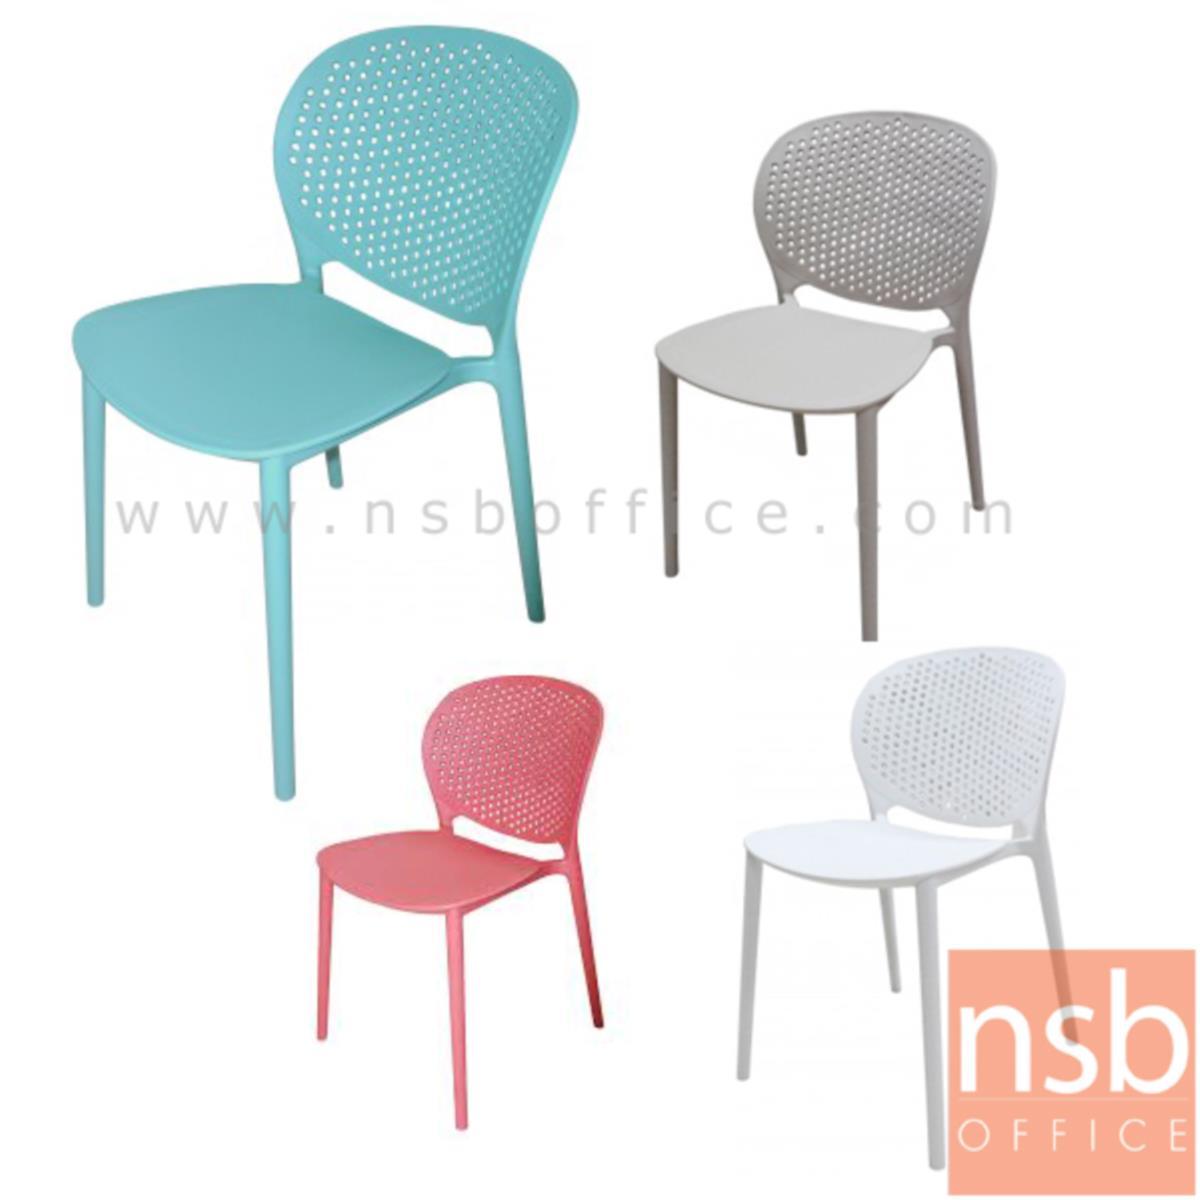 เก้าอี้โมเดิร์นพลาสติกโพลี่(PP) รุ่น Regan (เรแกน) ขนาด 55W cm.